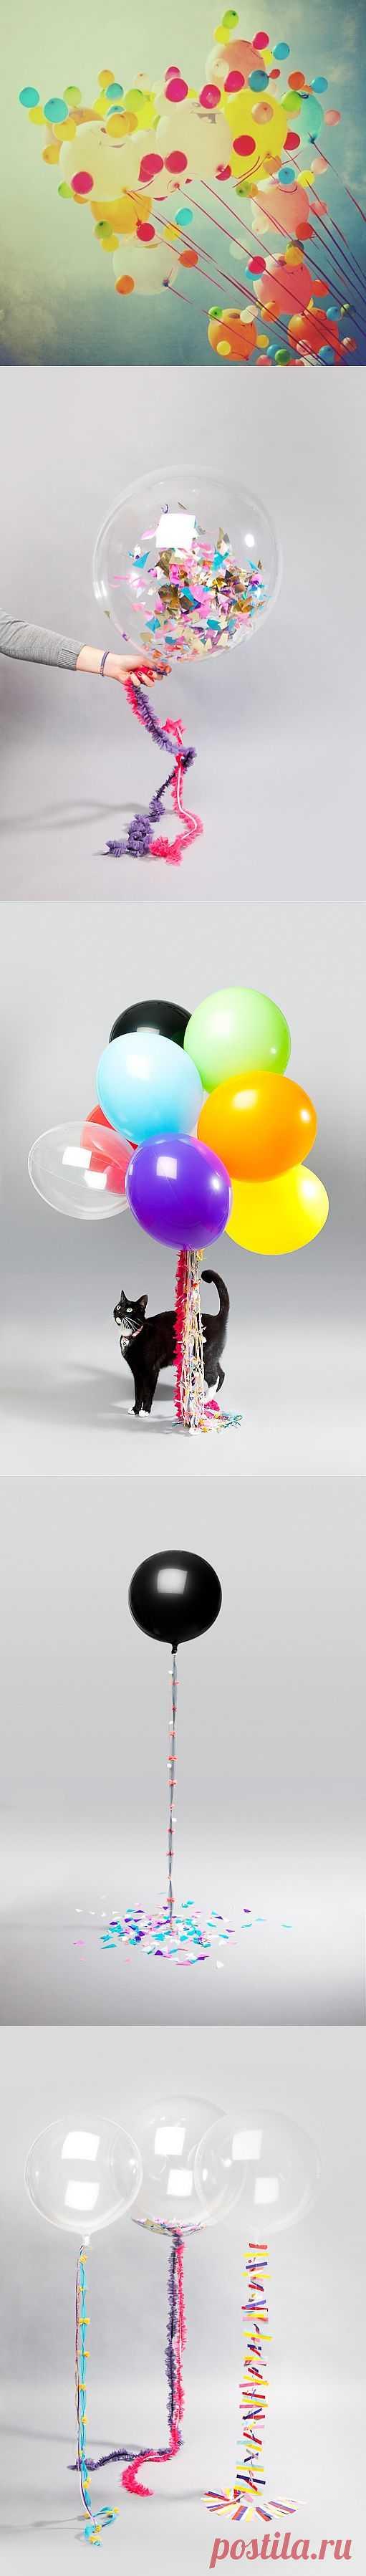 Воздушные шары / Праздничный декор / Модный сайт о стильной переделке одежды и интерьера